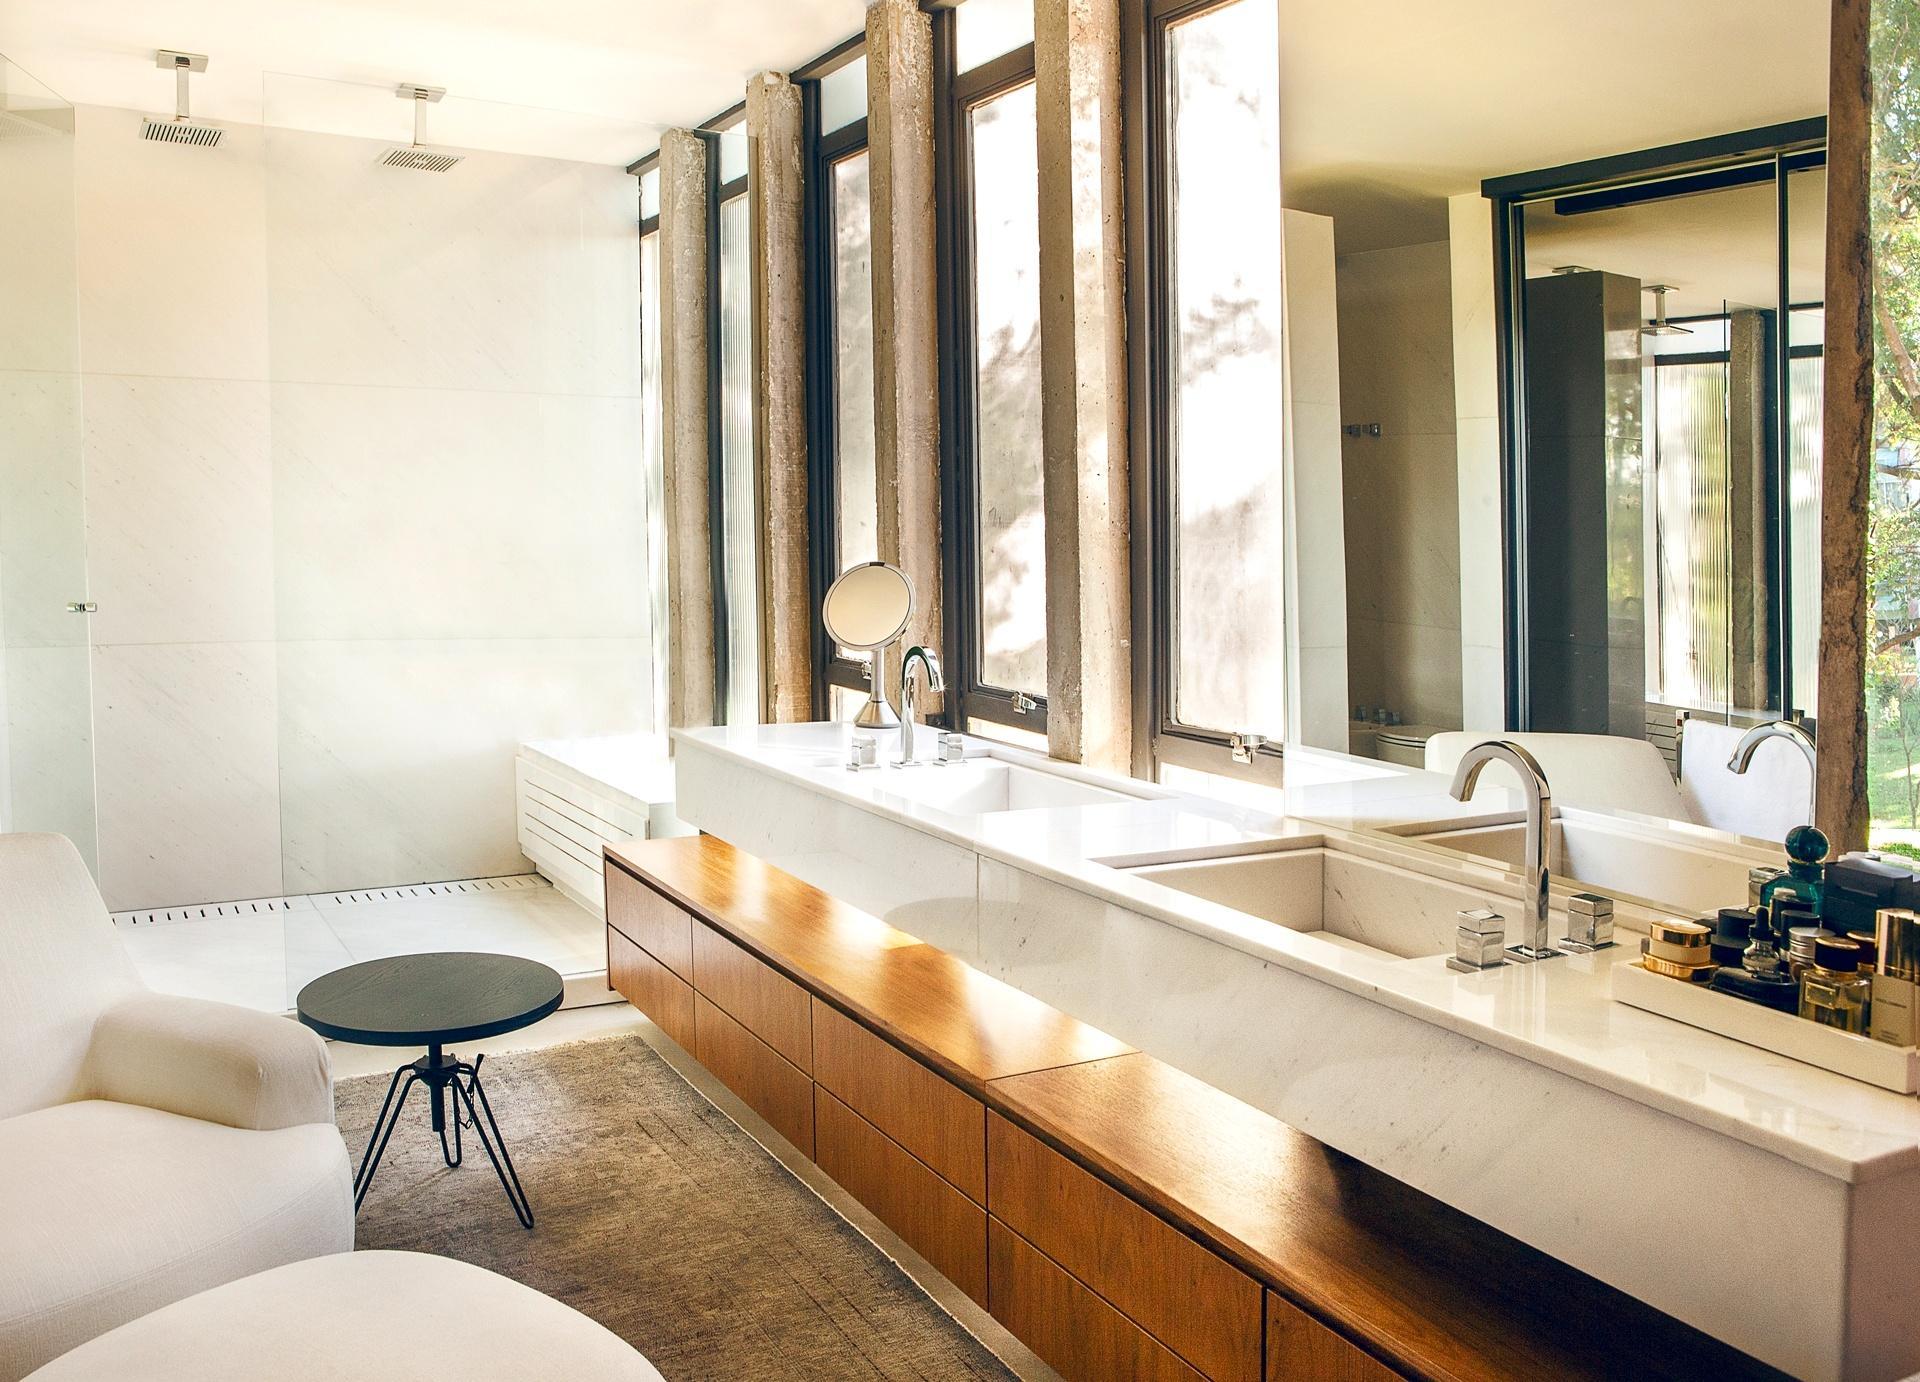 Categoria: Apartamentos - Studio Valéria Gontijo. O apê em Brasília foi reformado, mas teve seus janelões intercalados com colunas de concreto, preservados. No banheiro, sob a bancada com duas cubas, um gabinete generoso. Ainda no espaço, dois chuveiros e uma poltrona garantem o conforto necessário para os momentos de relaxamento